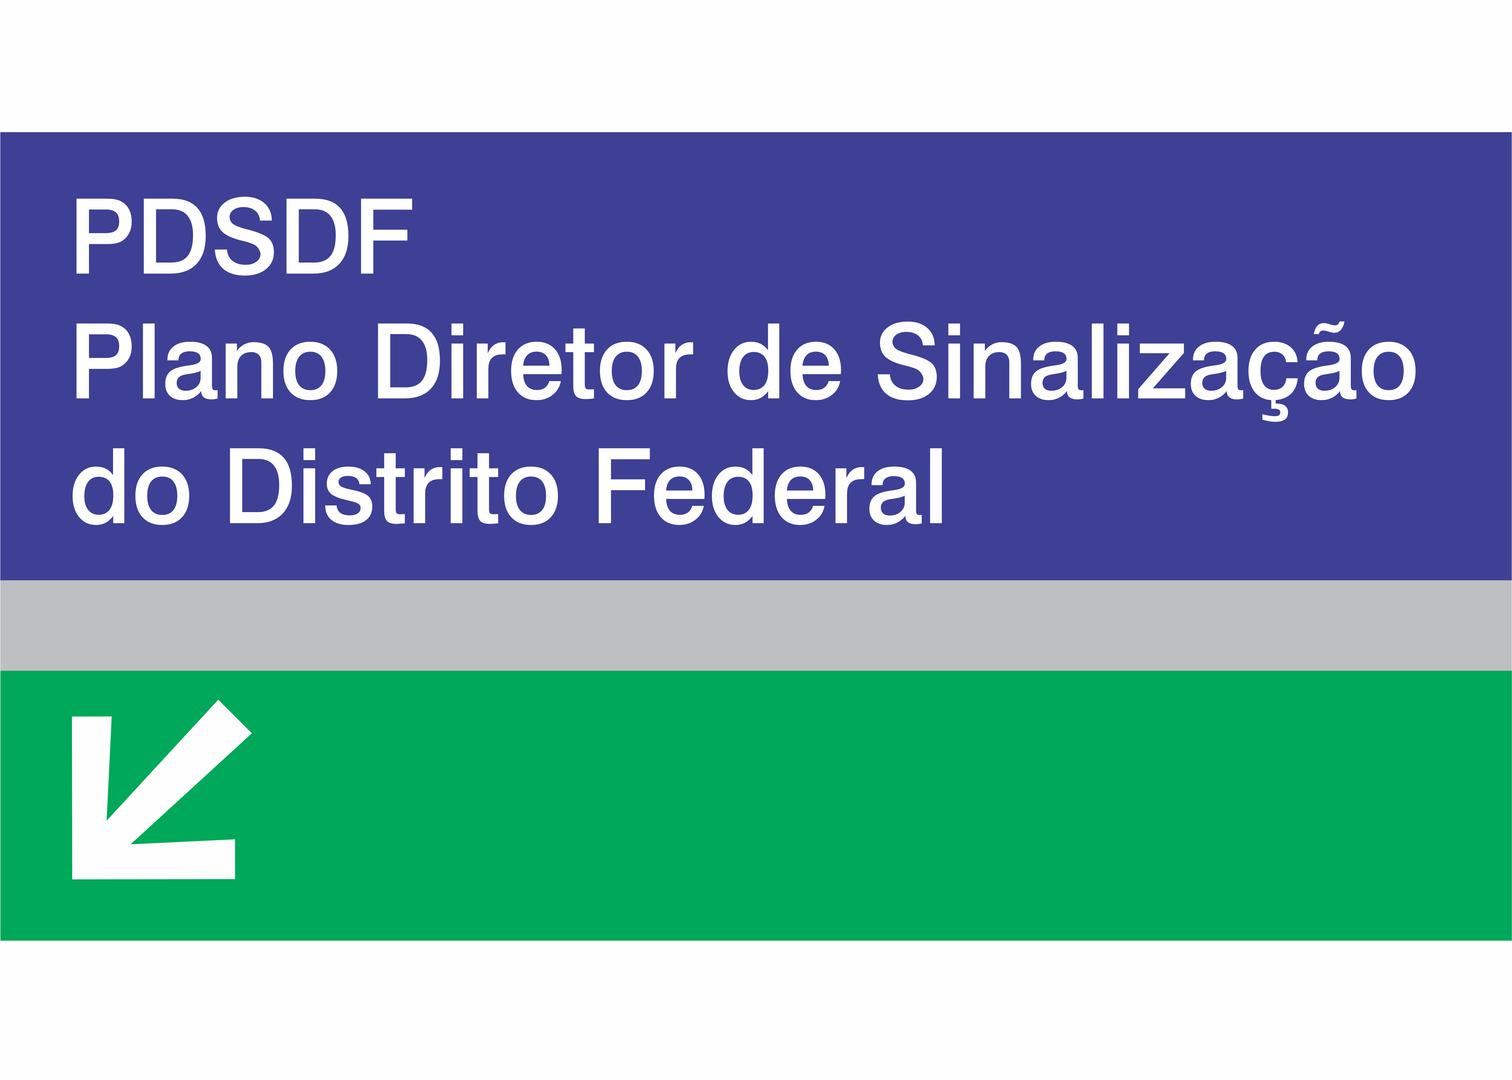 PDSDF sintese para internet 1.png